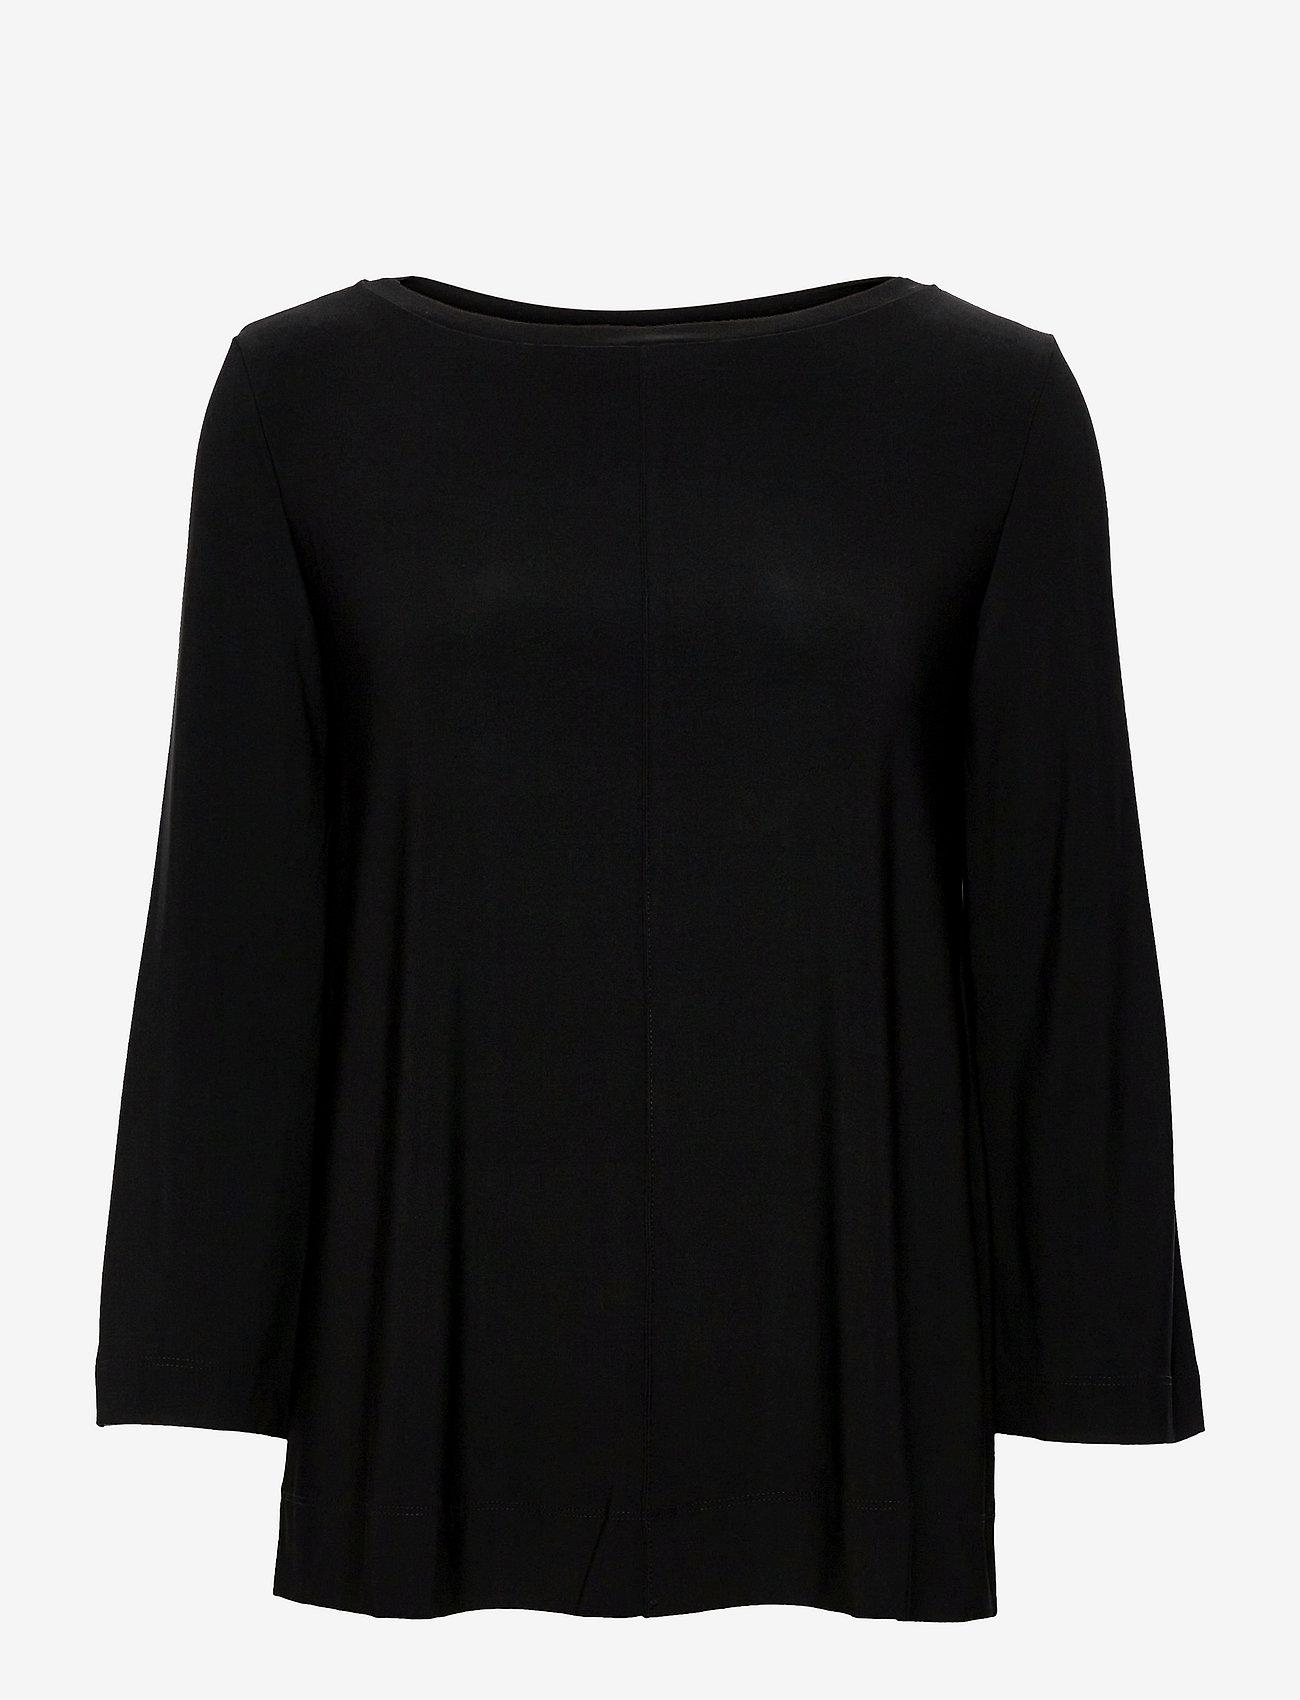 Max Mara Leisure - RIVOLO - long sleeved blouses - black - 0